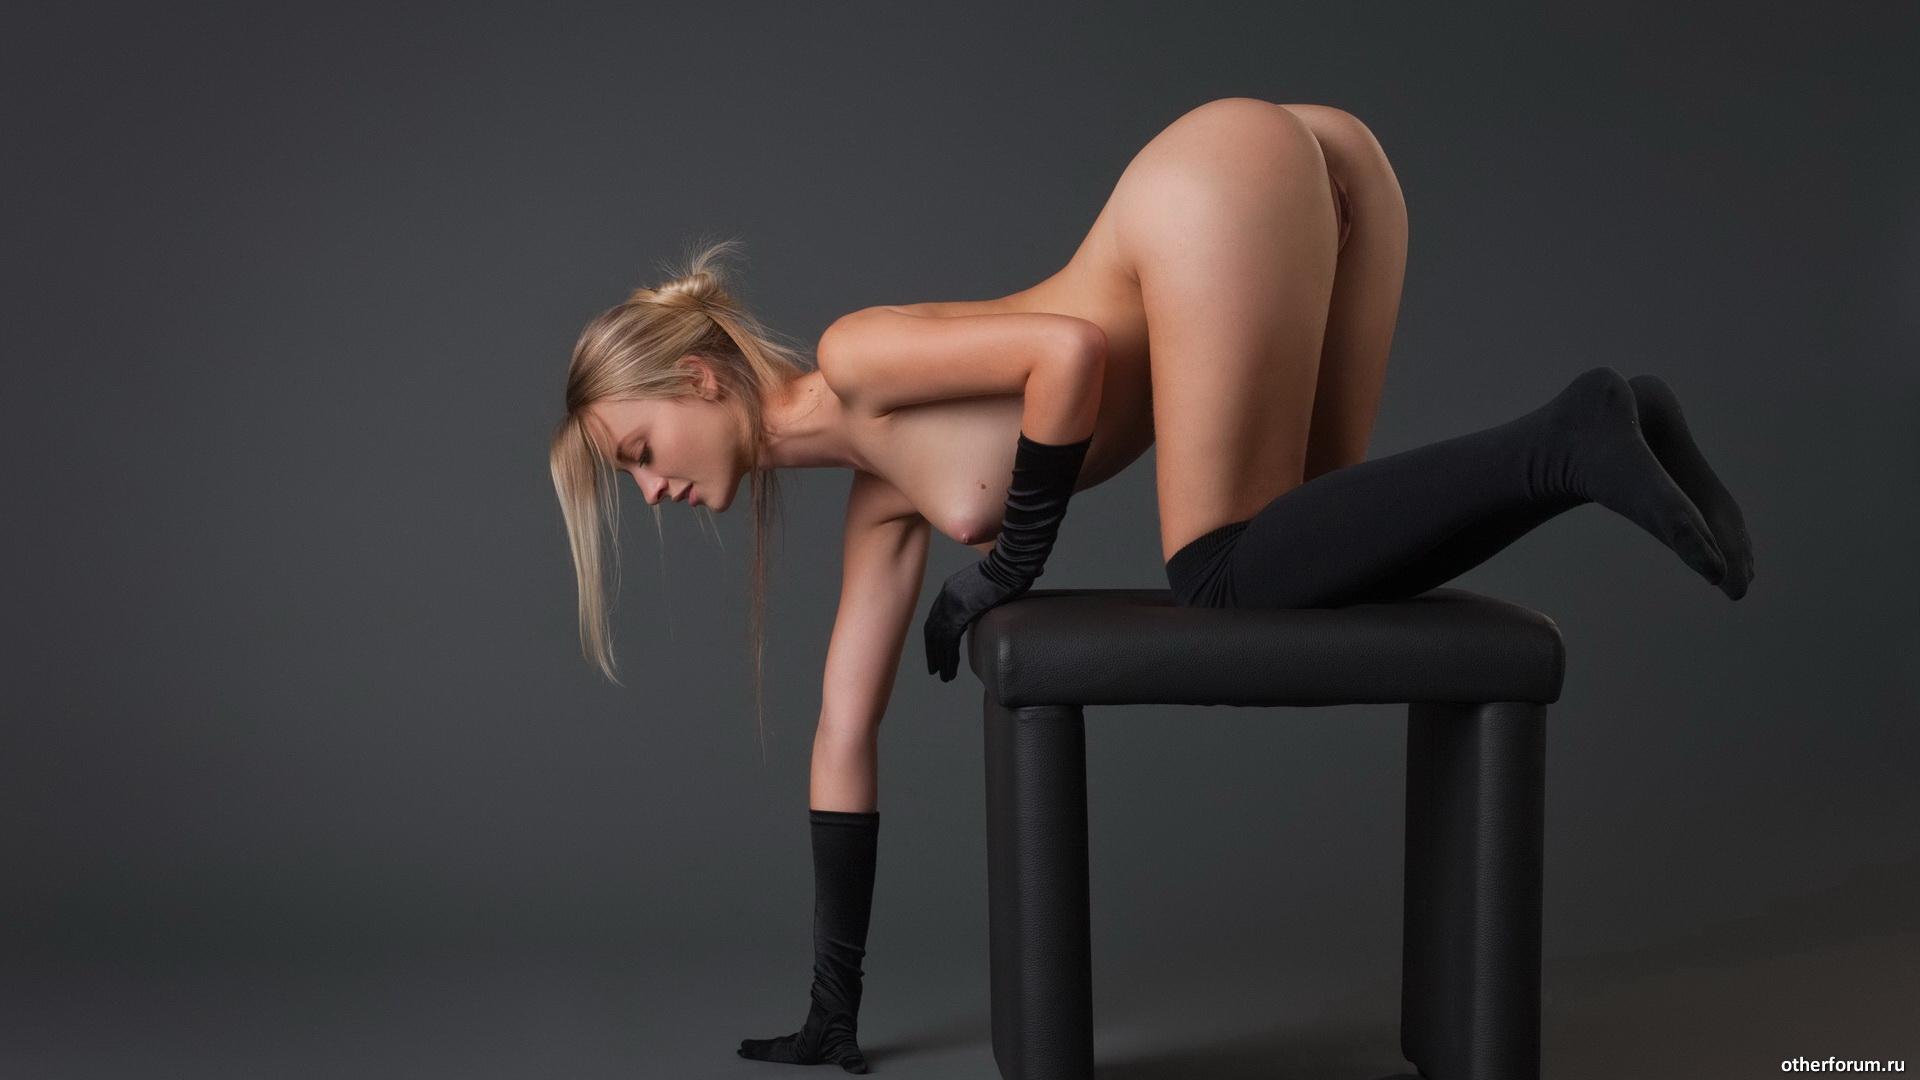 Худая длинноногая блондинка, Длинноногие худая, cмотреть 77 голых девушек онлайн 3 фотография